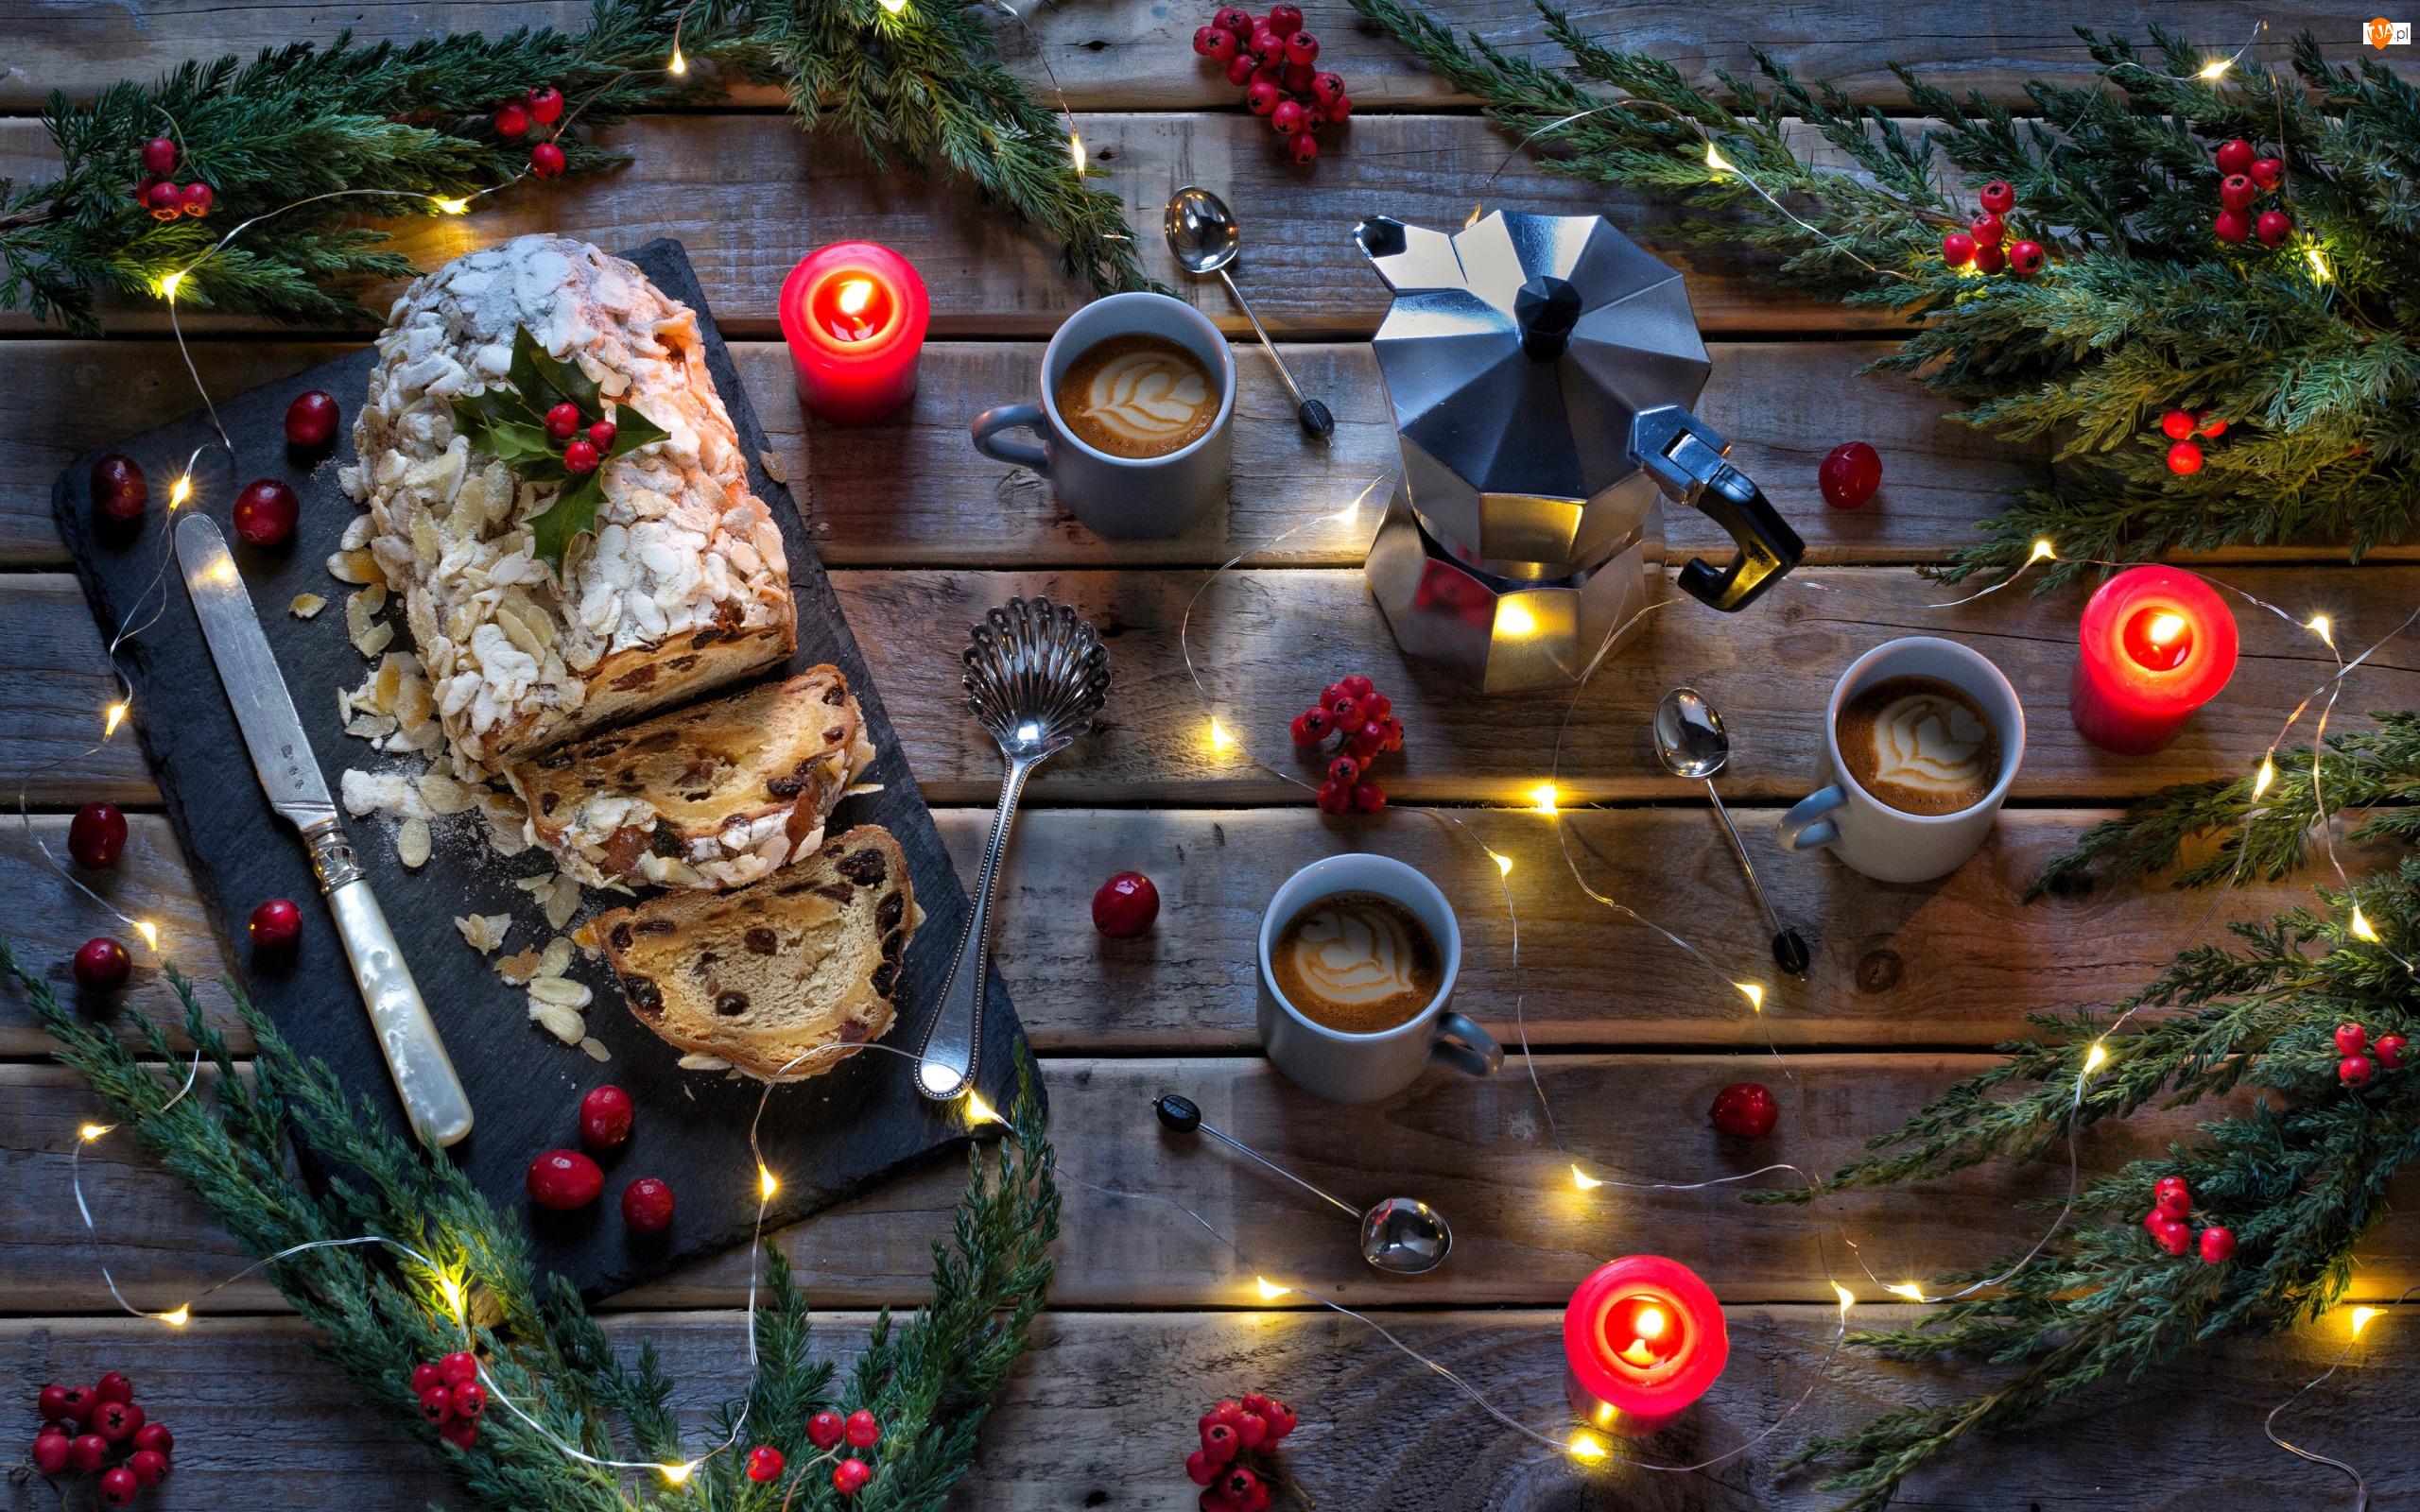 Kubki, Kawa, Deski, Kompozycja, Nóż, Boże Narodzenie, Światełka, Gałązki, Ciasto, Świeczki, Jagody, Łyżeczki